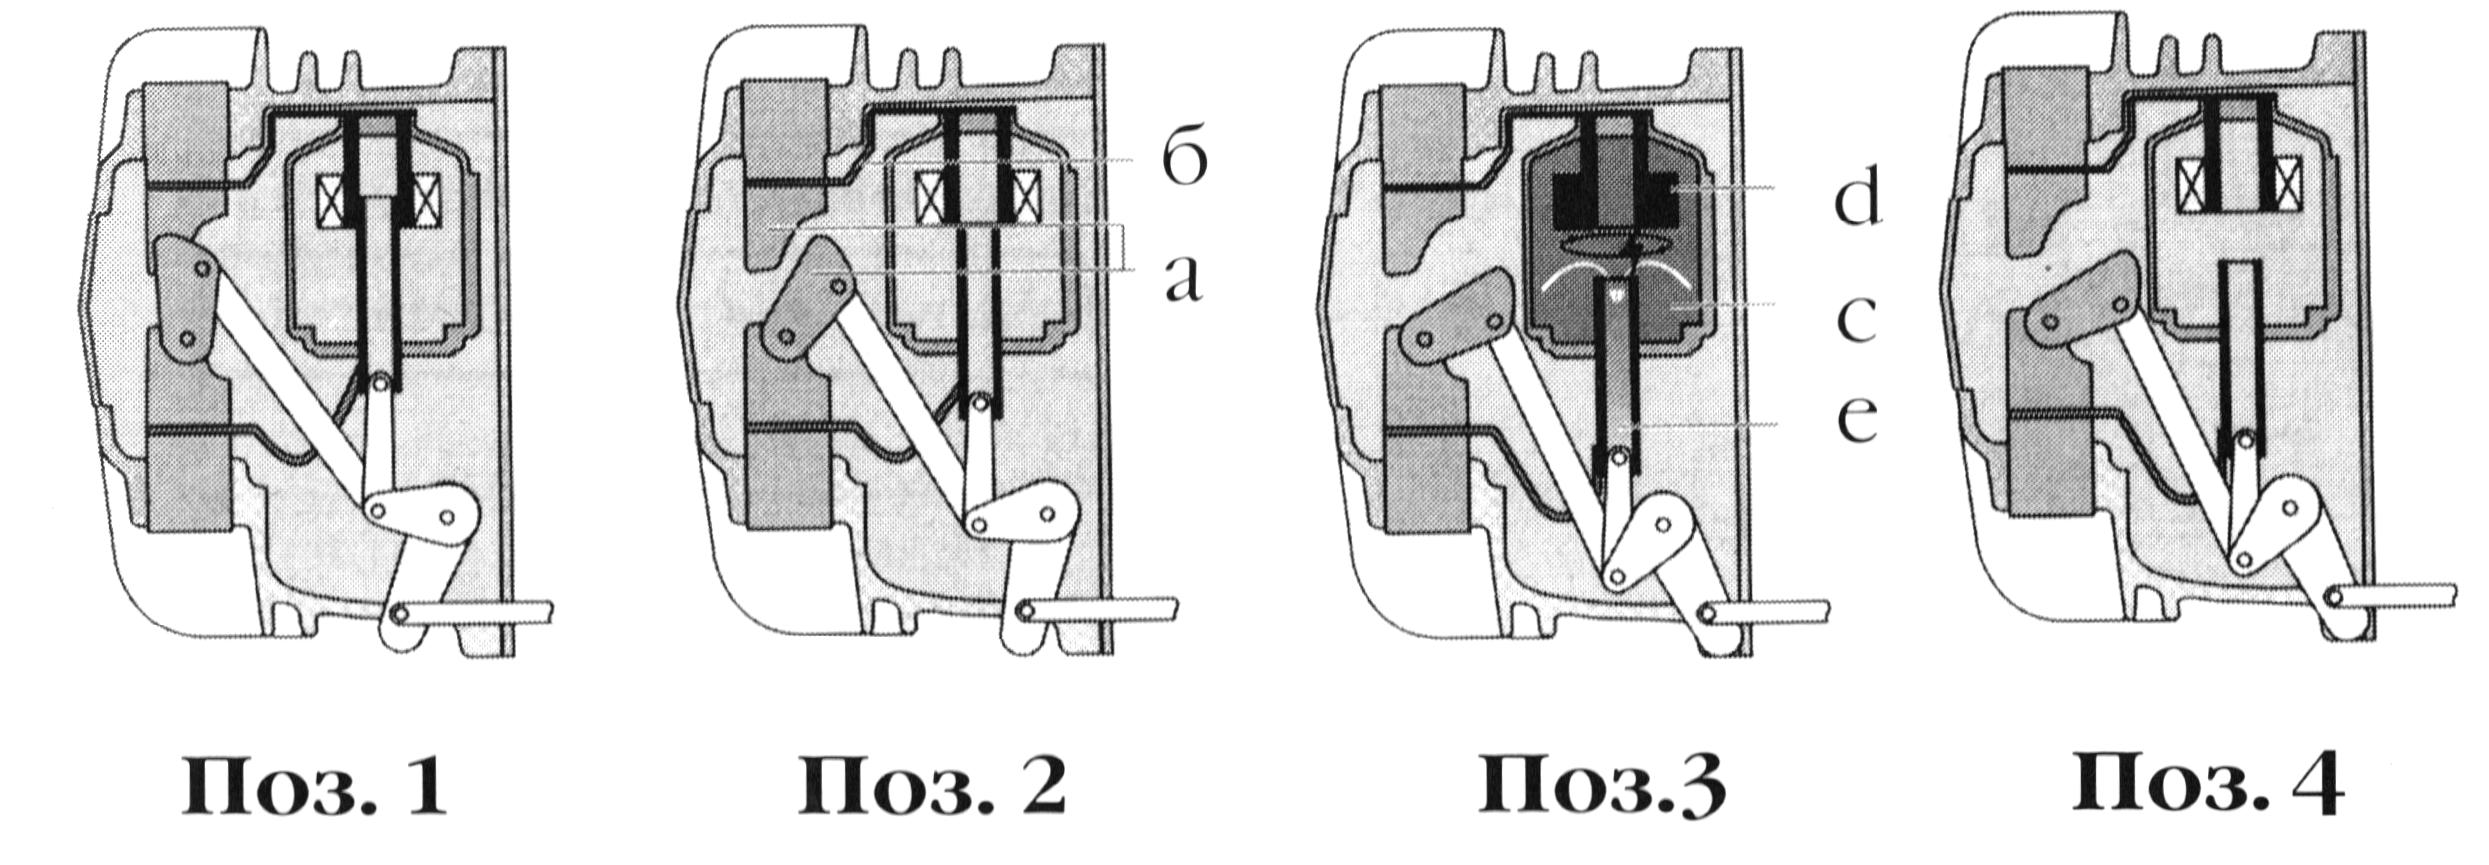 Рис. 1-12а. Процесс гашения дуги в камере ВЭ типа LF.